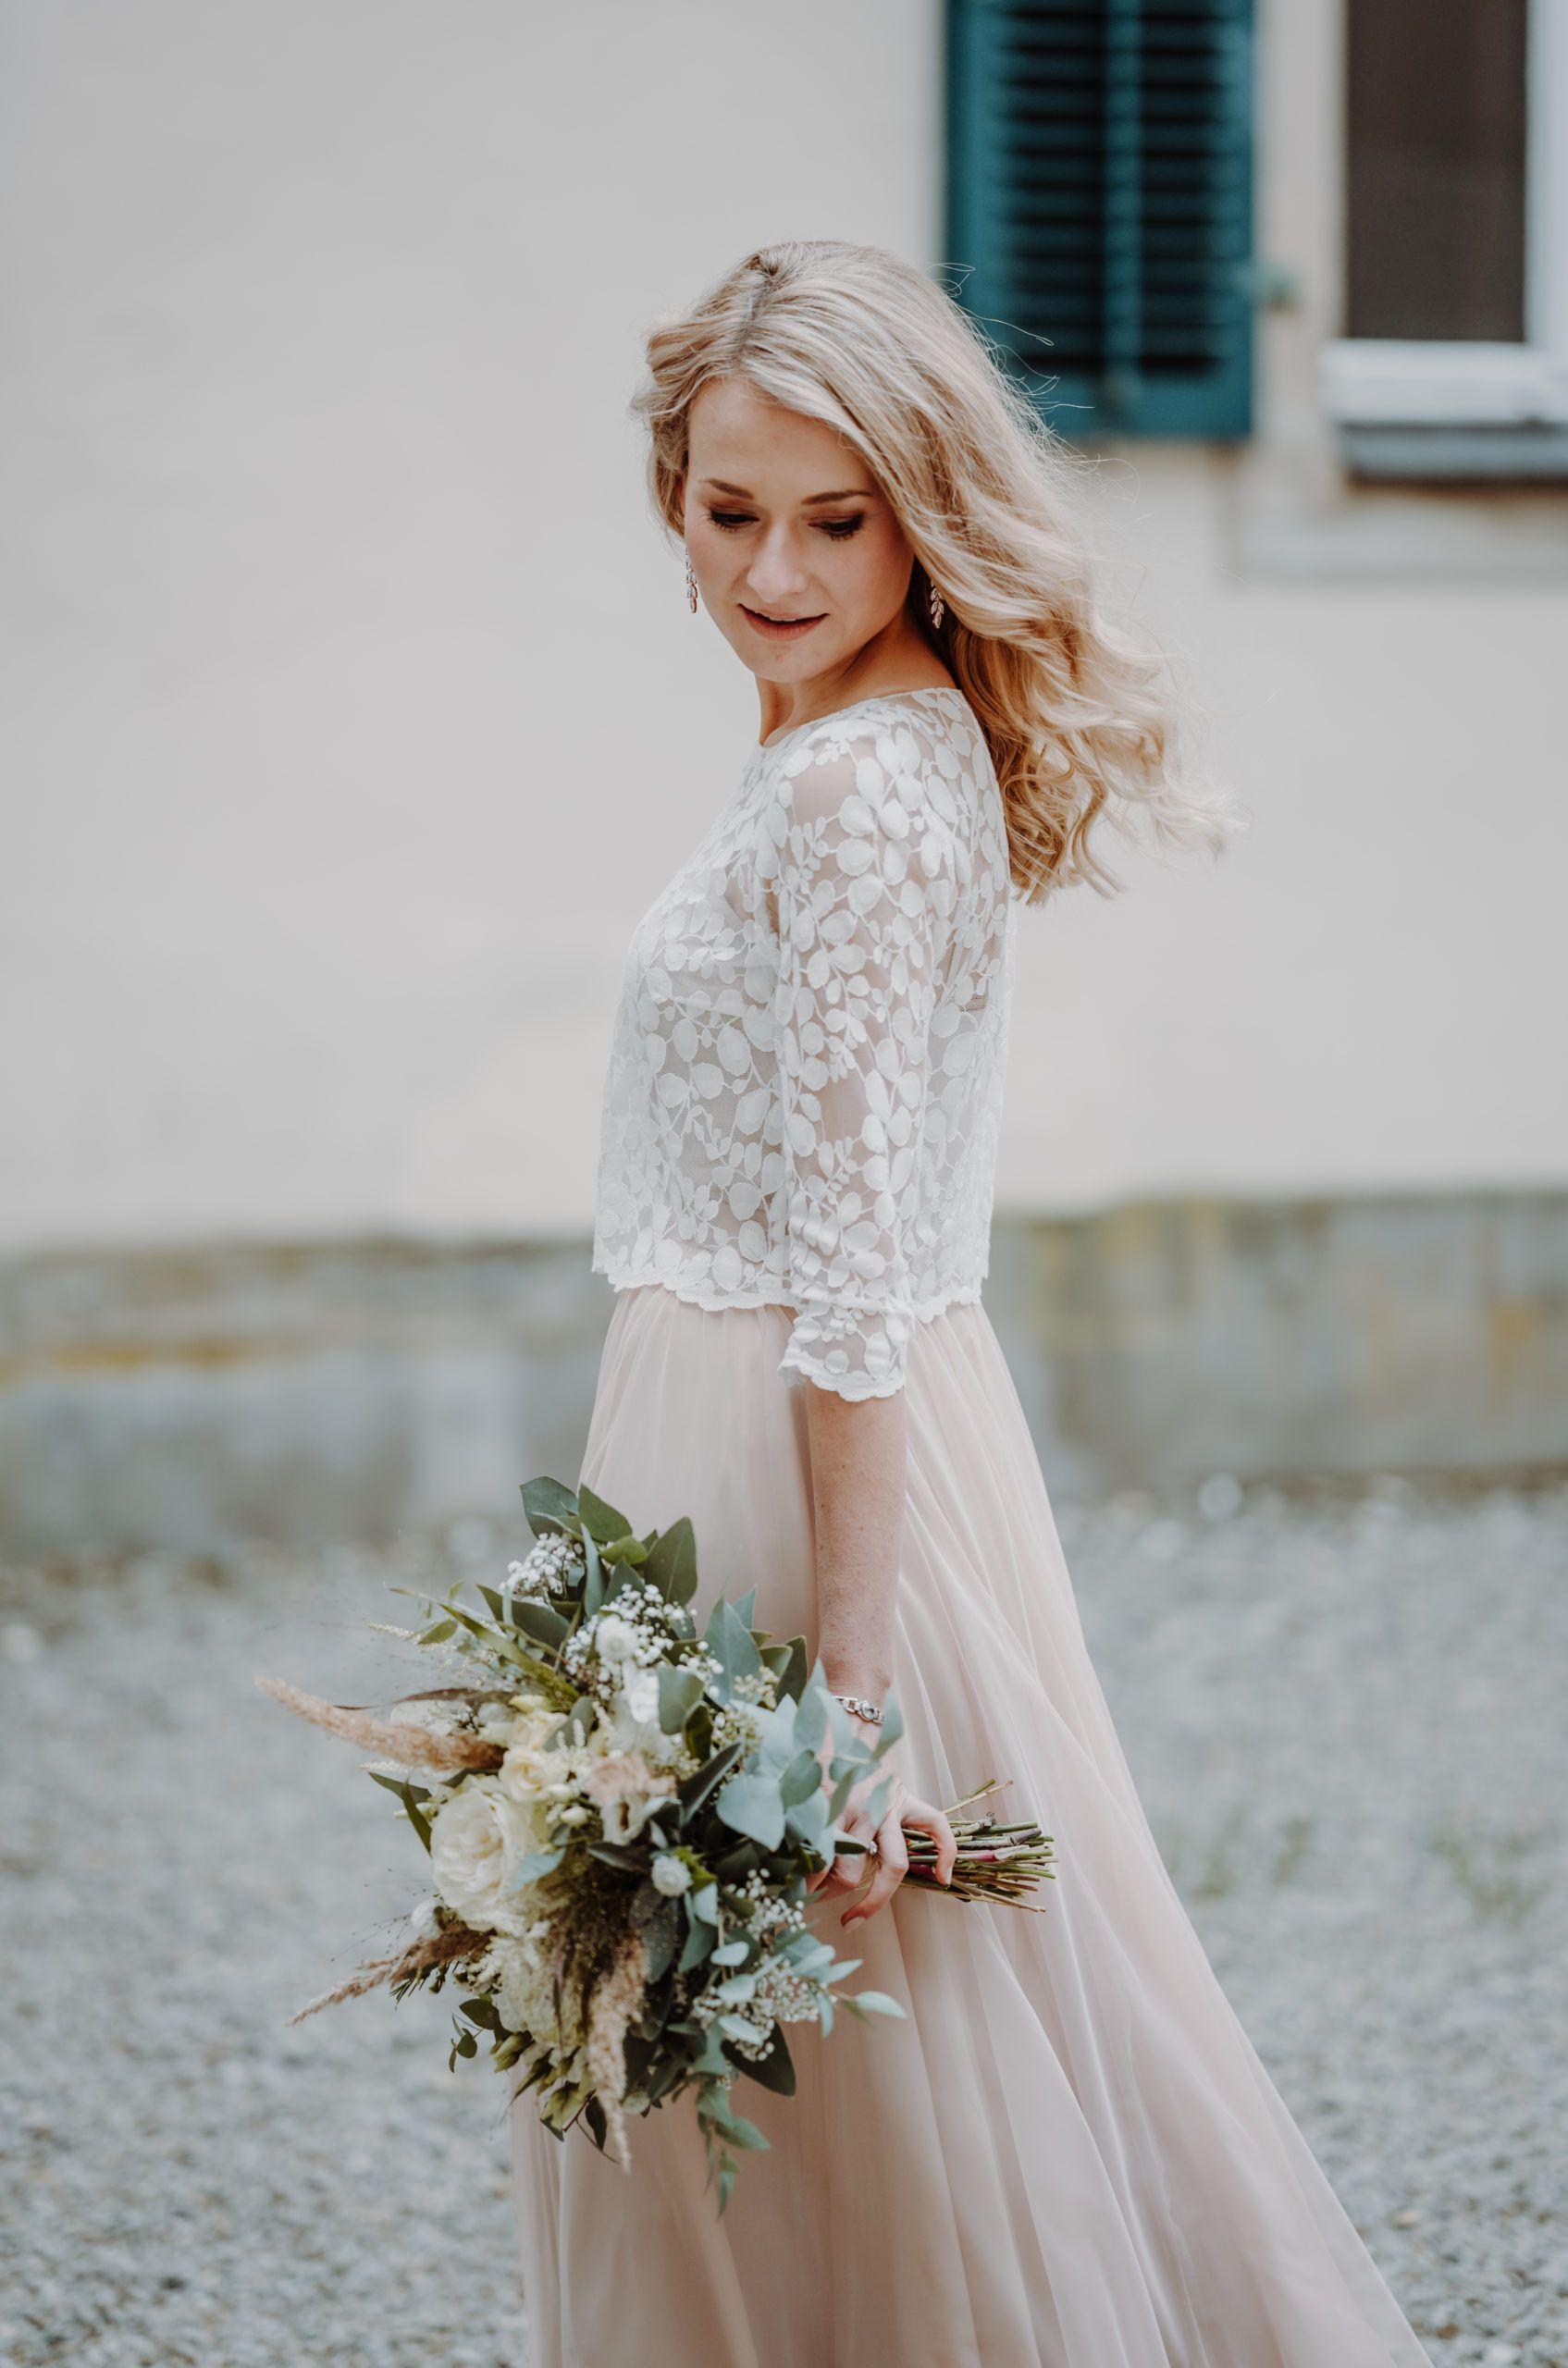 Zweifarbiges Brautkleid Mit Brautrock Aus Tull In Blush Rosa Und Braut Top Aus Blatterspitze In Iv Marchen Hochzeitskleider Strandhochzeitskleid Kleid Hochzeit